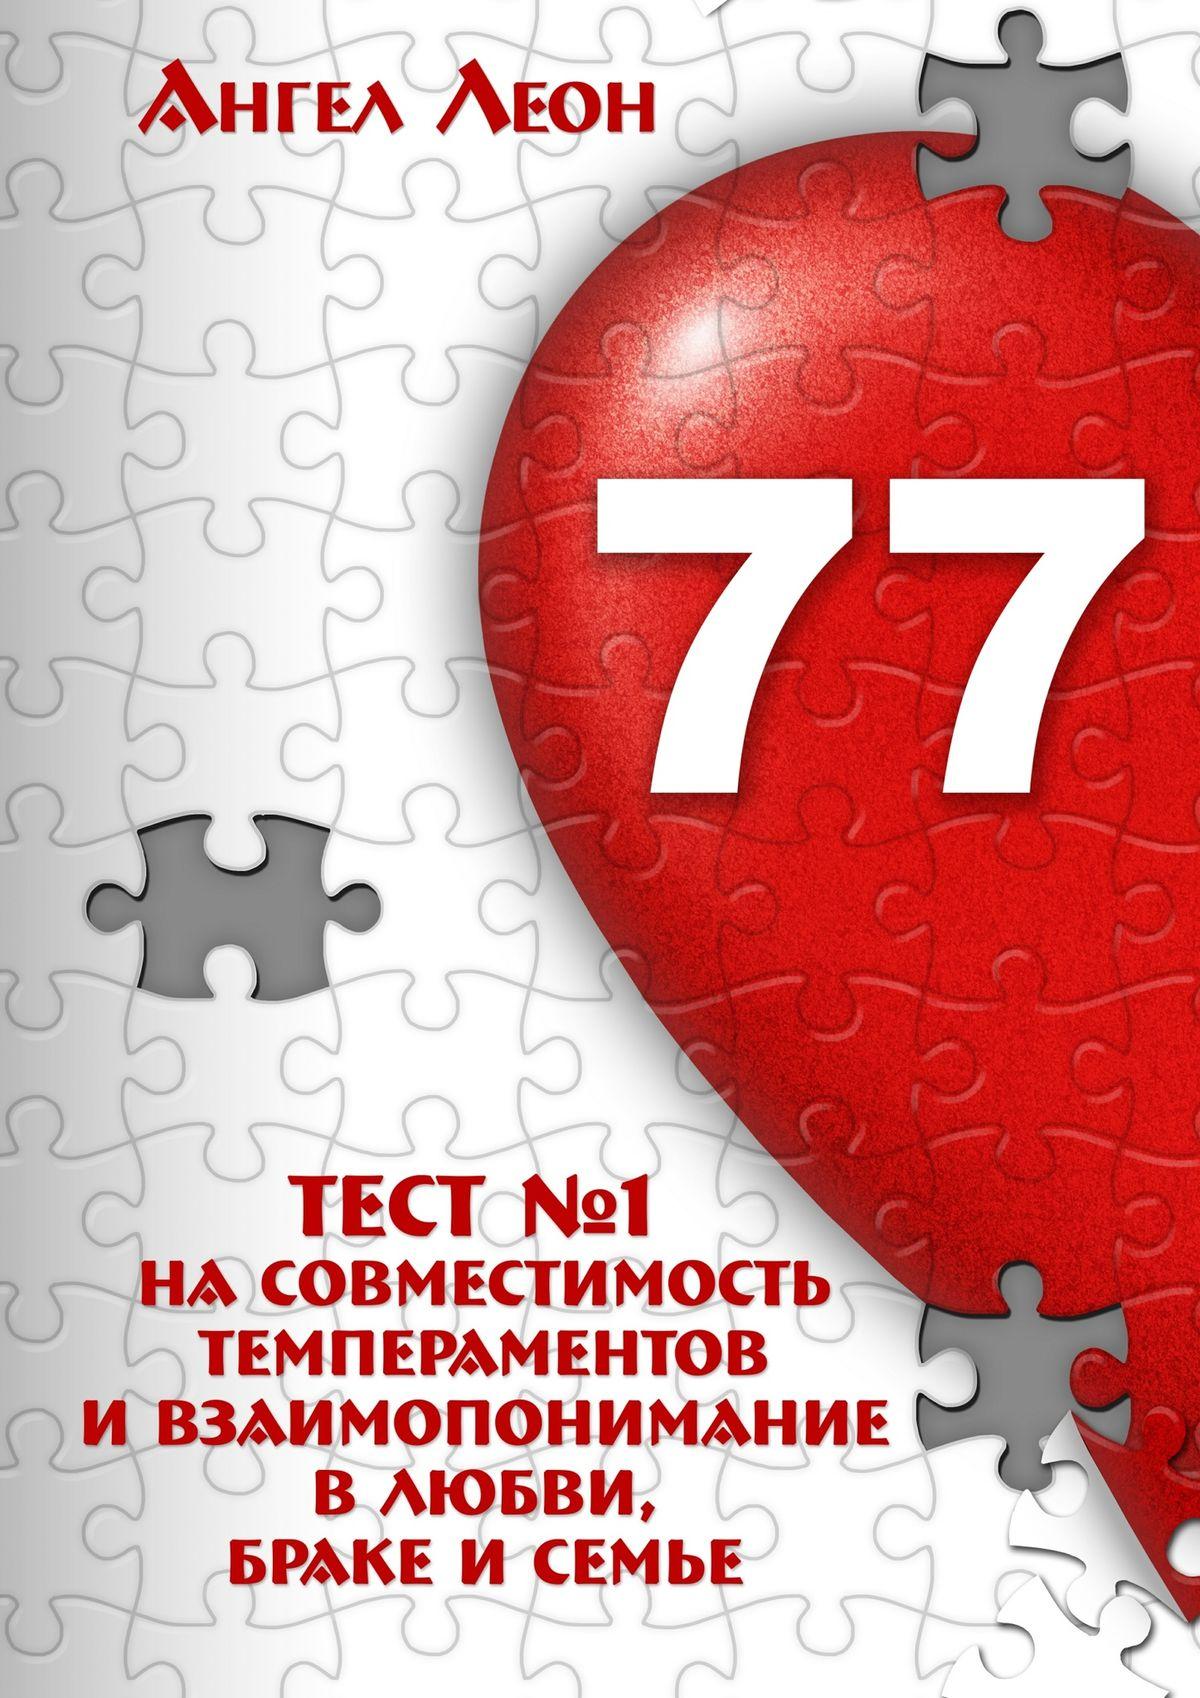 Тест № 1 насовместимость темпераментов ивзаимопонимание влюбви, браке исемье